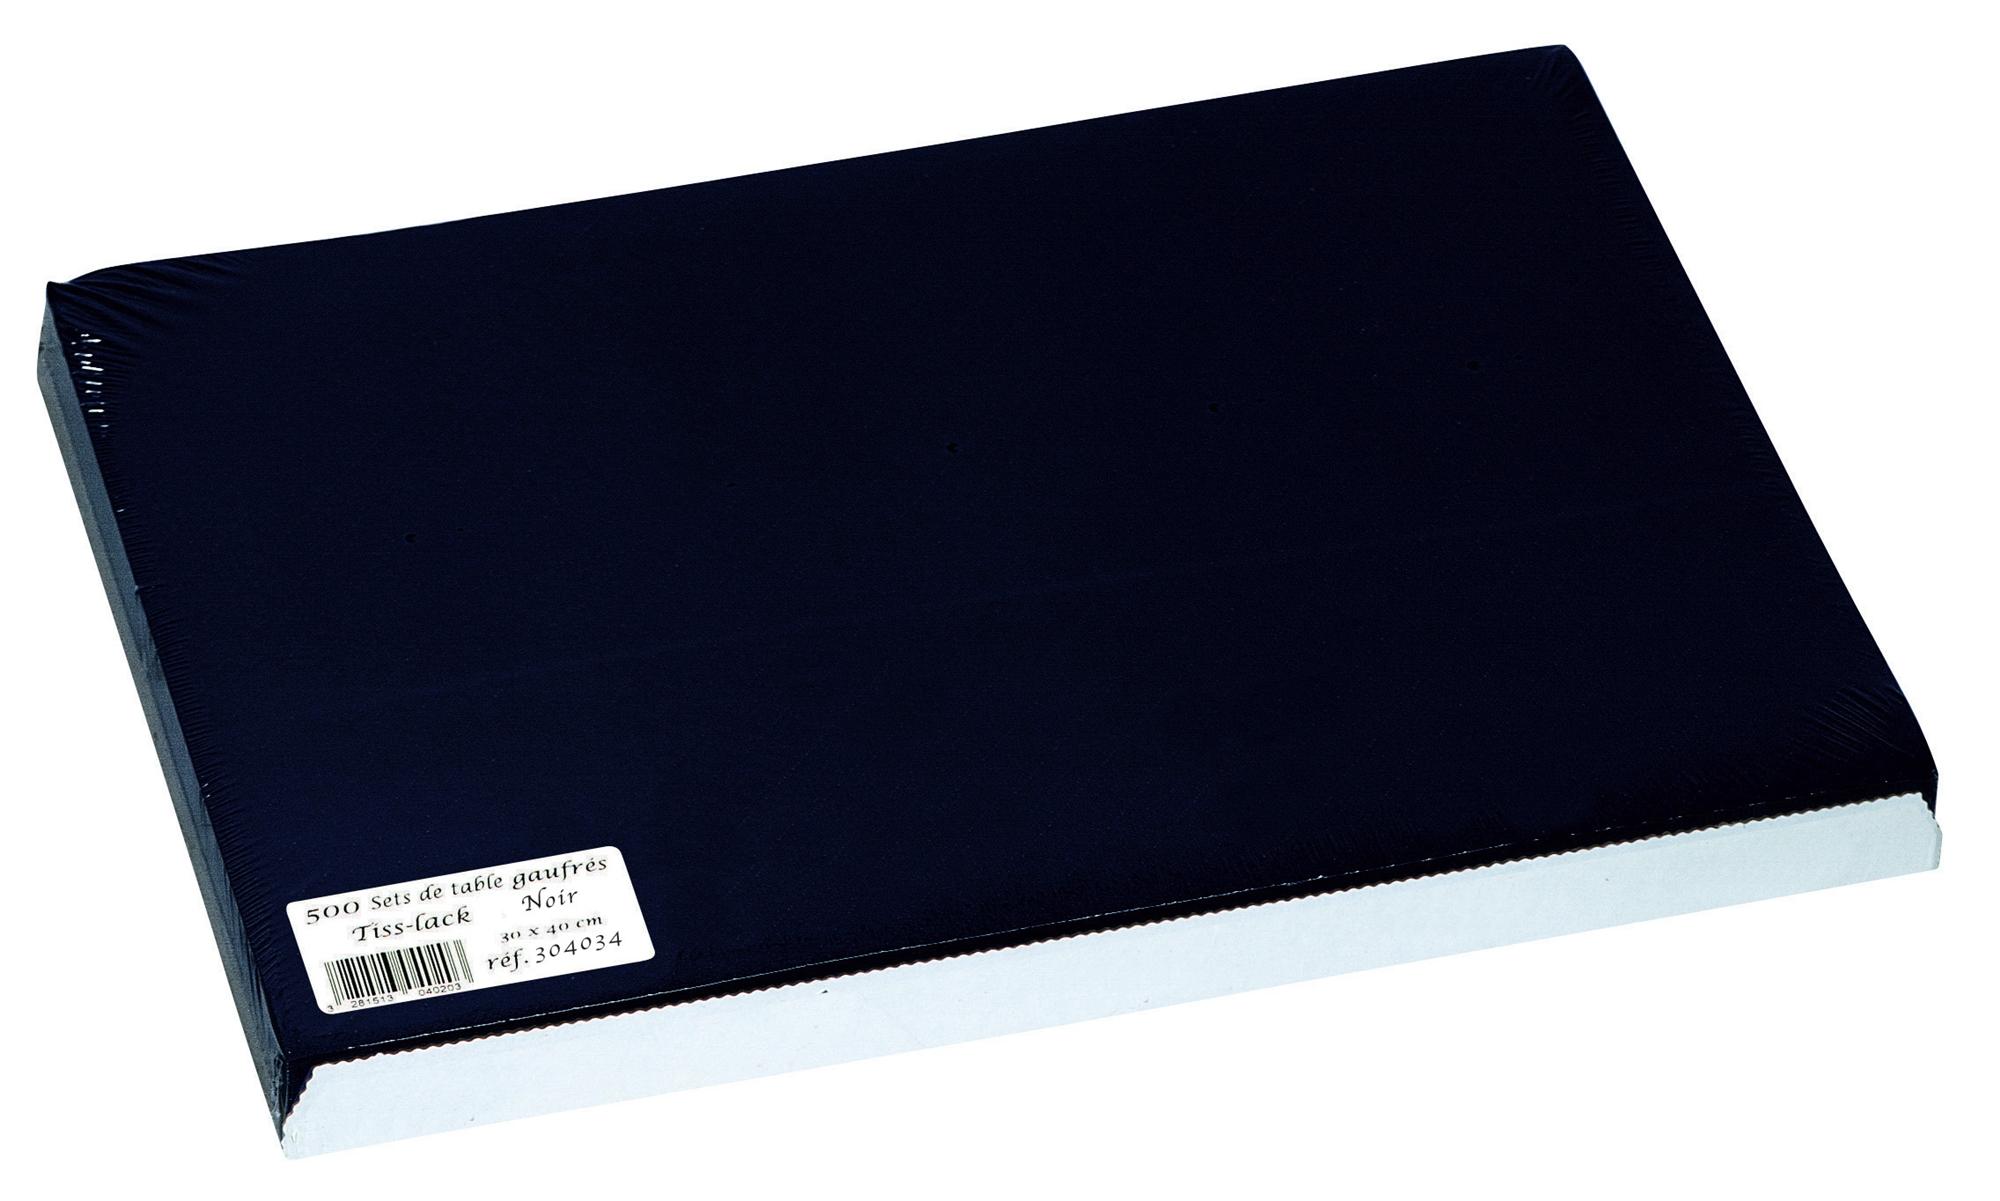 set de table papier 30 x 40 noir paquet de 500. Black Bedroom Furniture Sets. Home Design Ideas